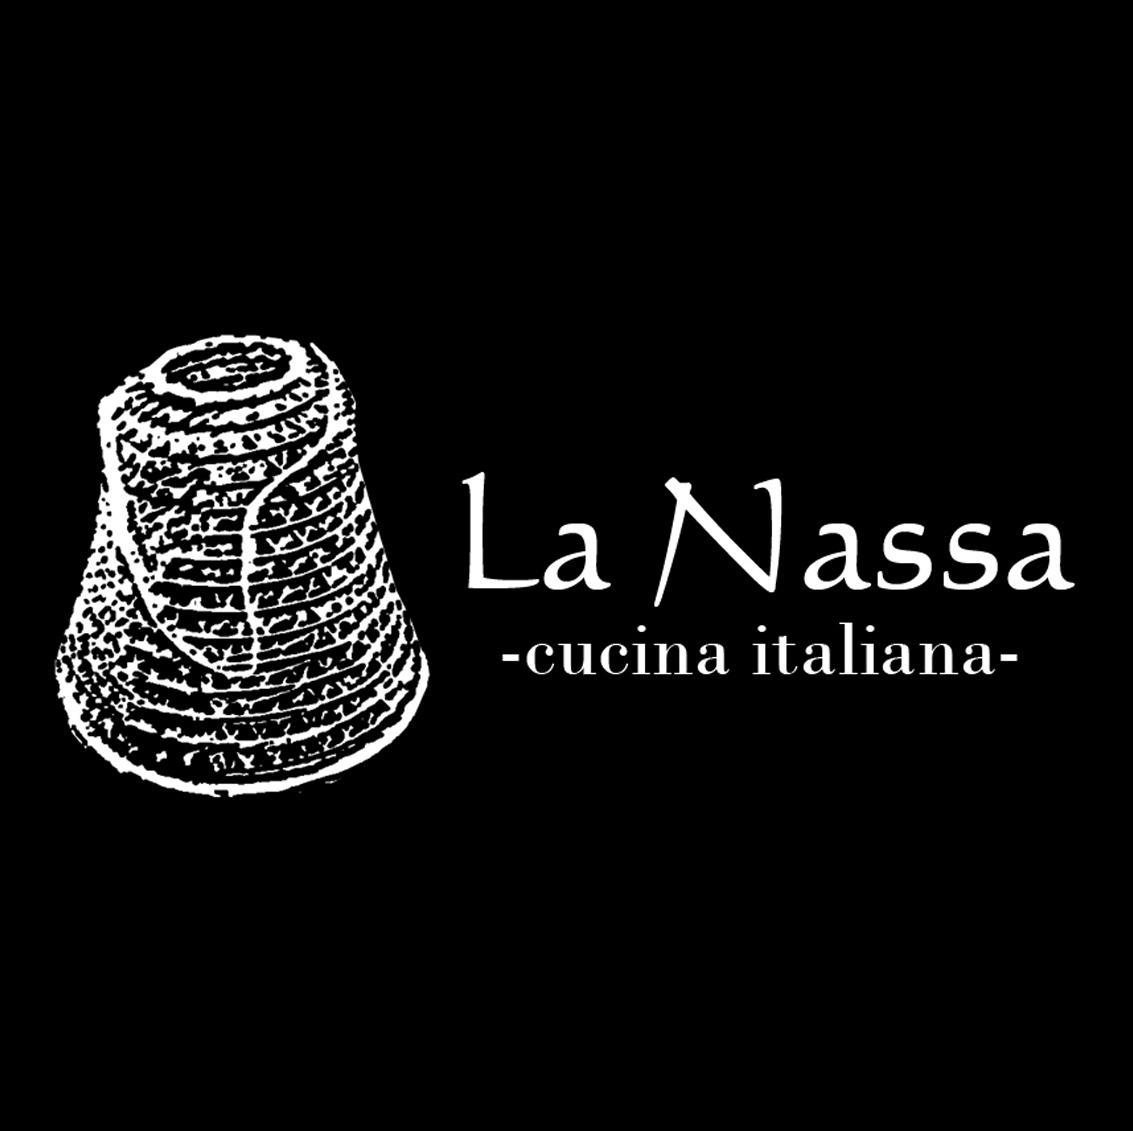 LNs - Ind tiendas y locales